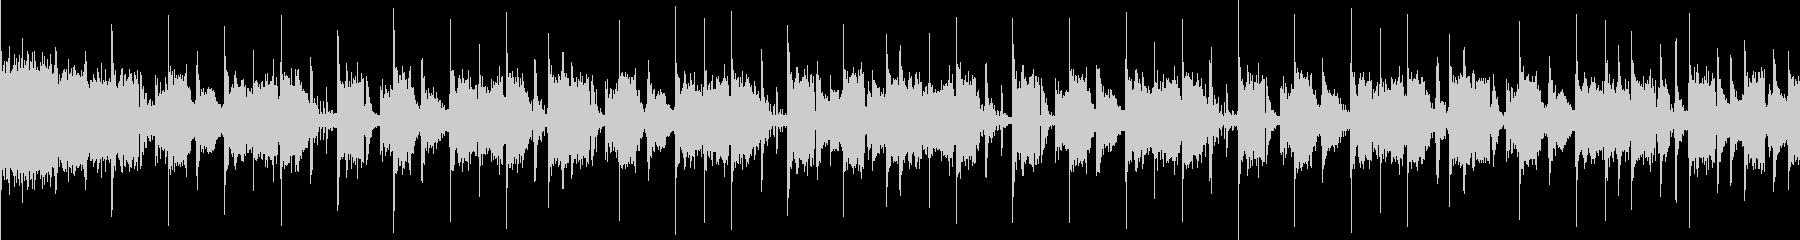 ハジケルスプラッシュハウス【ループ可能】の未再生の波形